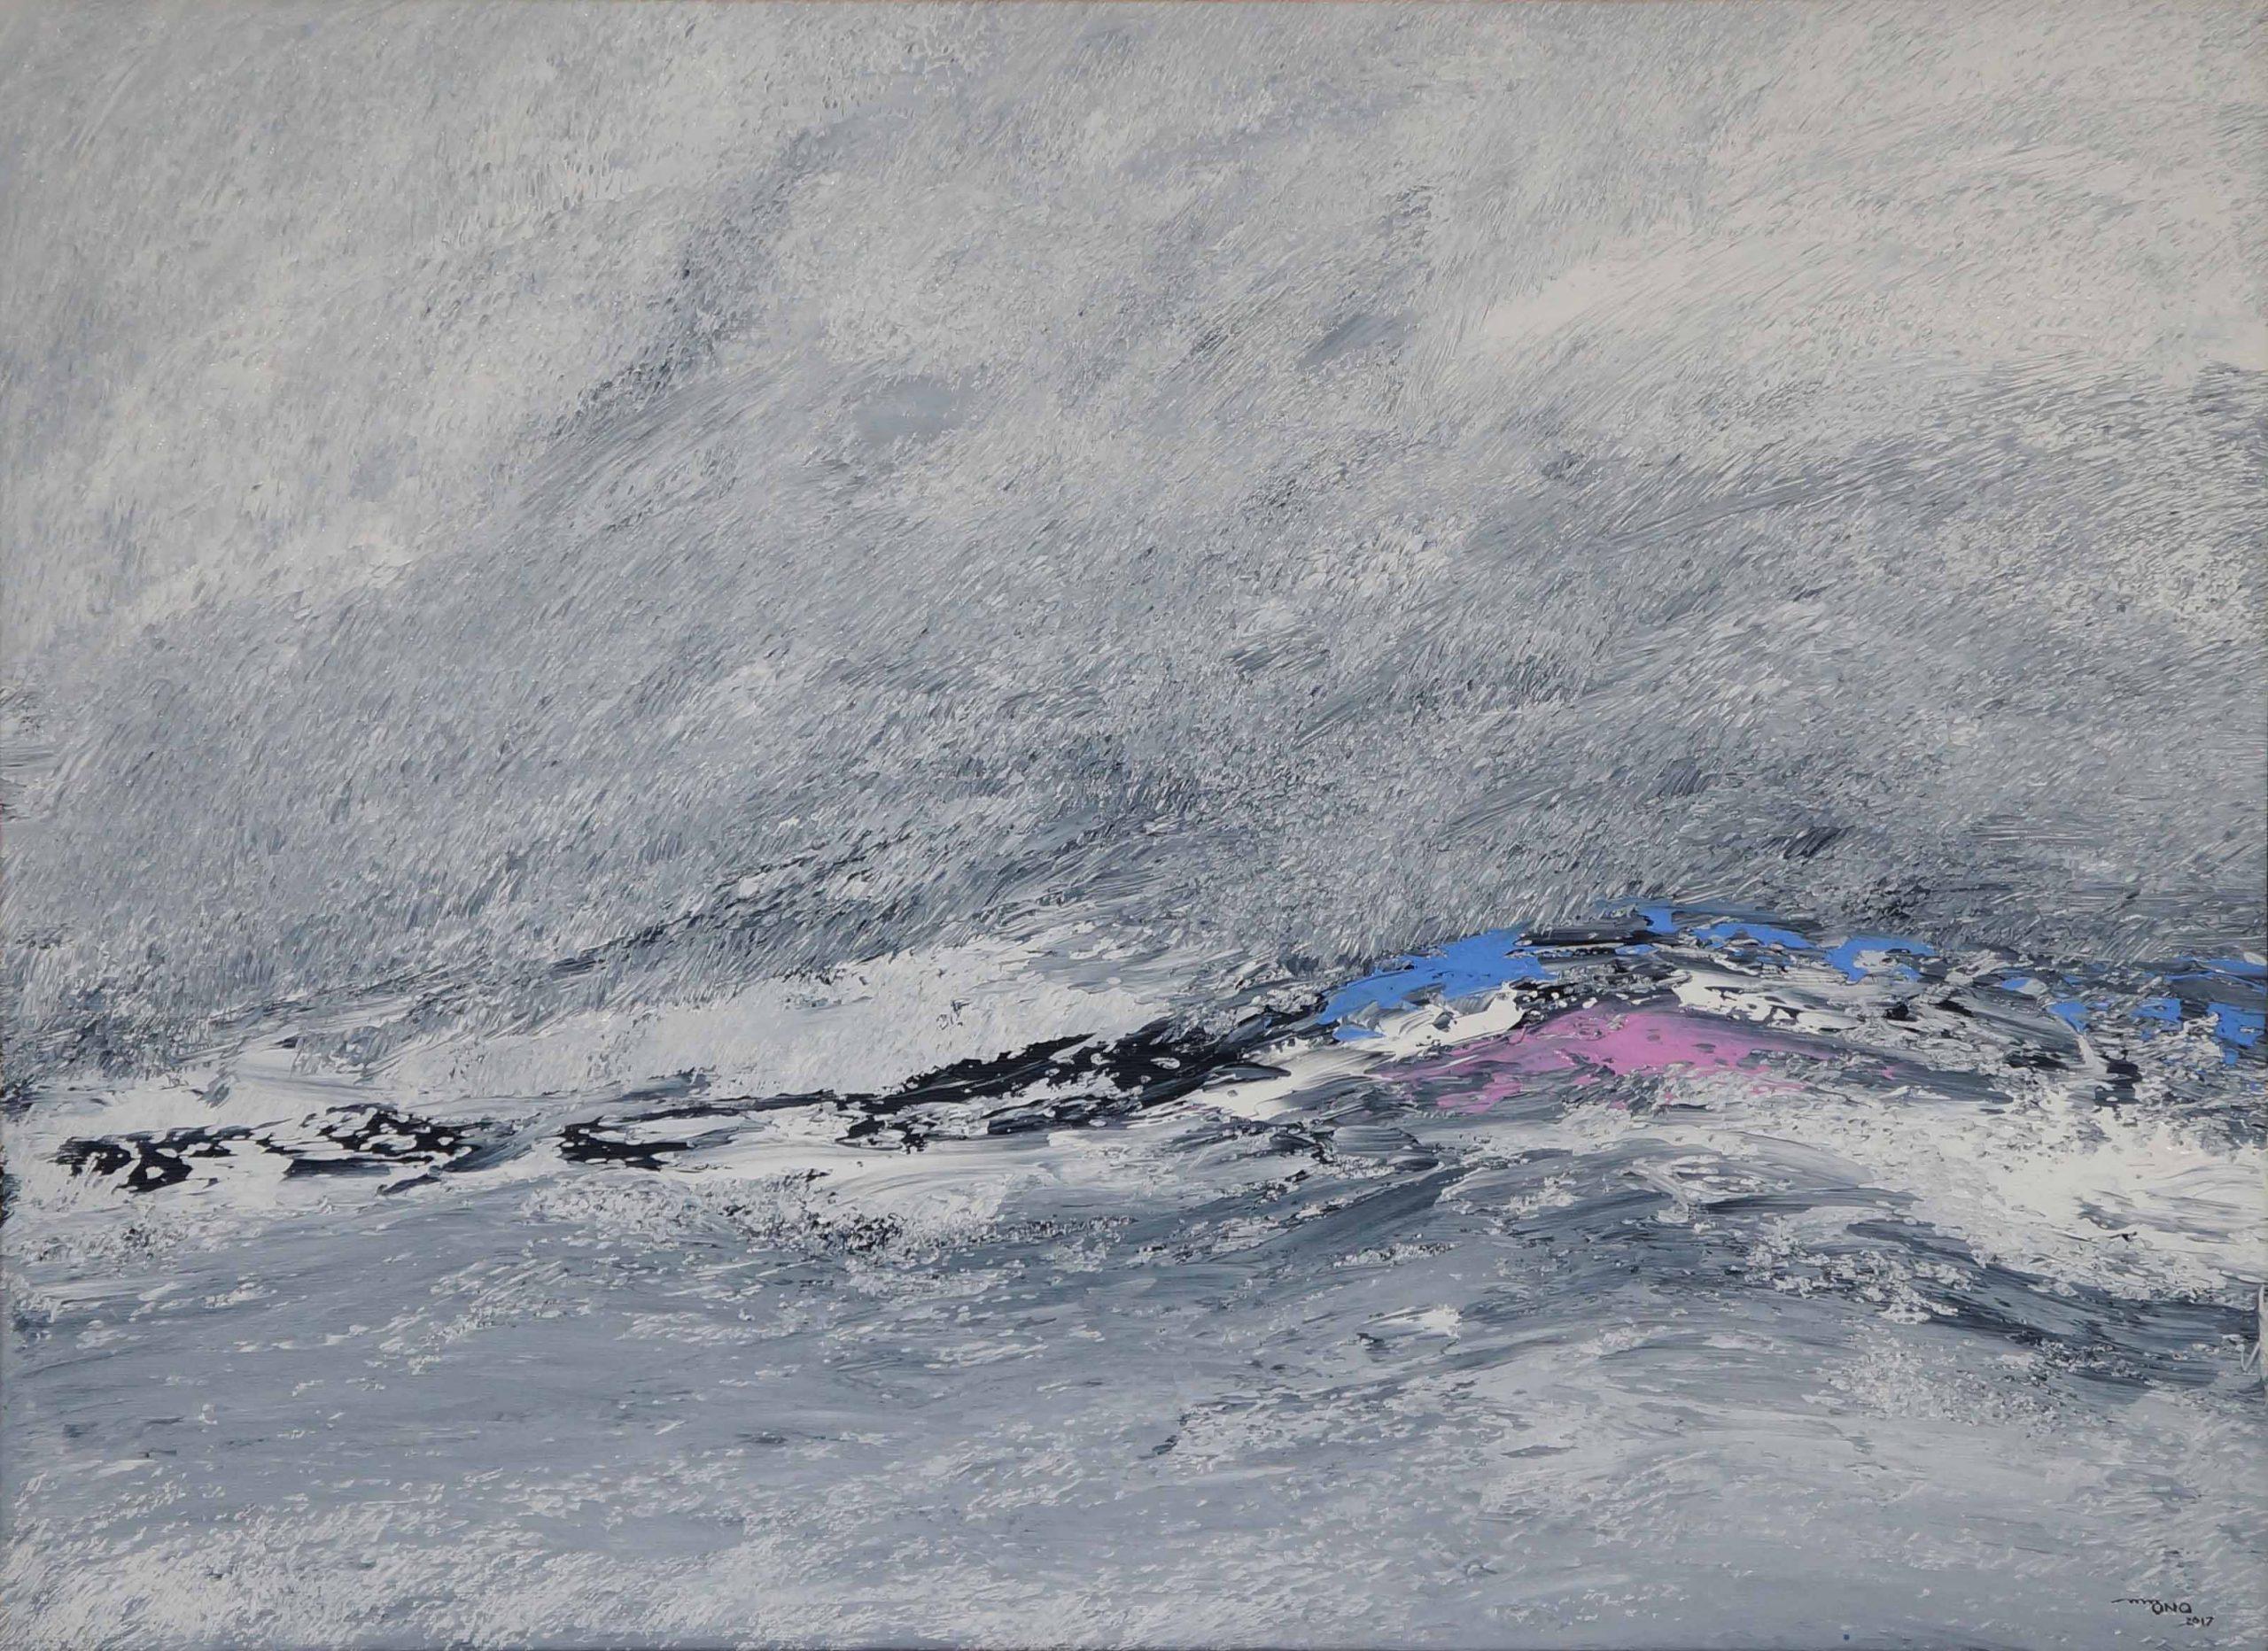 Acrílica sobre tela - 58,4 x 79,3 cm (2017)